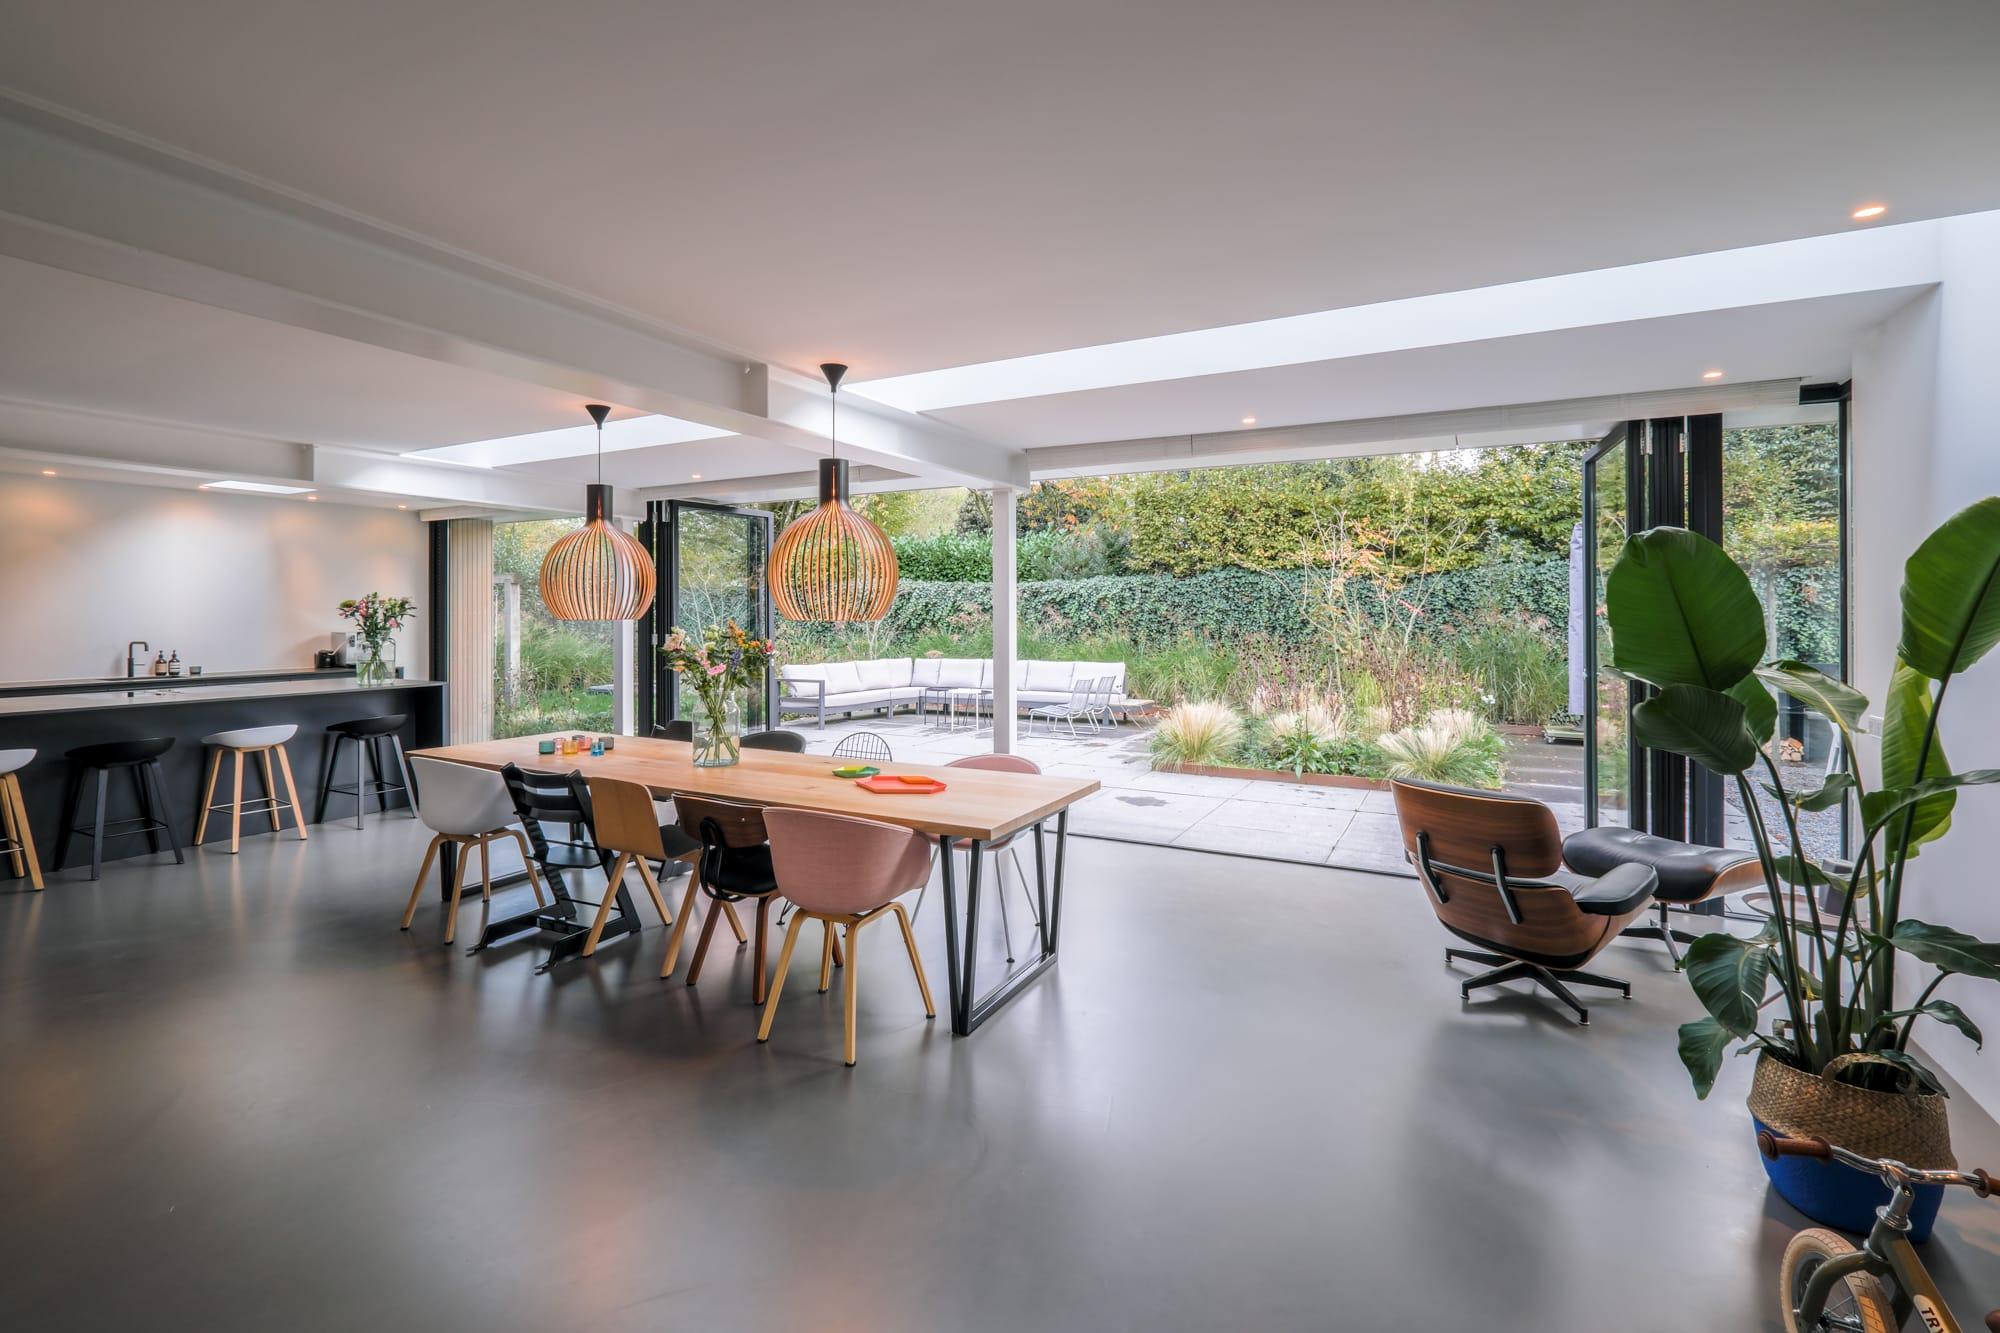 van-os-architecten-breda-ontwerp-moderne-aanbouw-met-aluminium-vouwschuifpui-extra-lange-lichtstraat